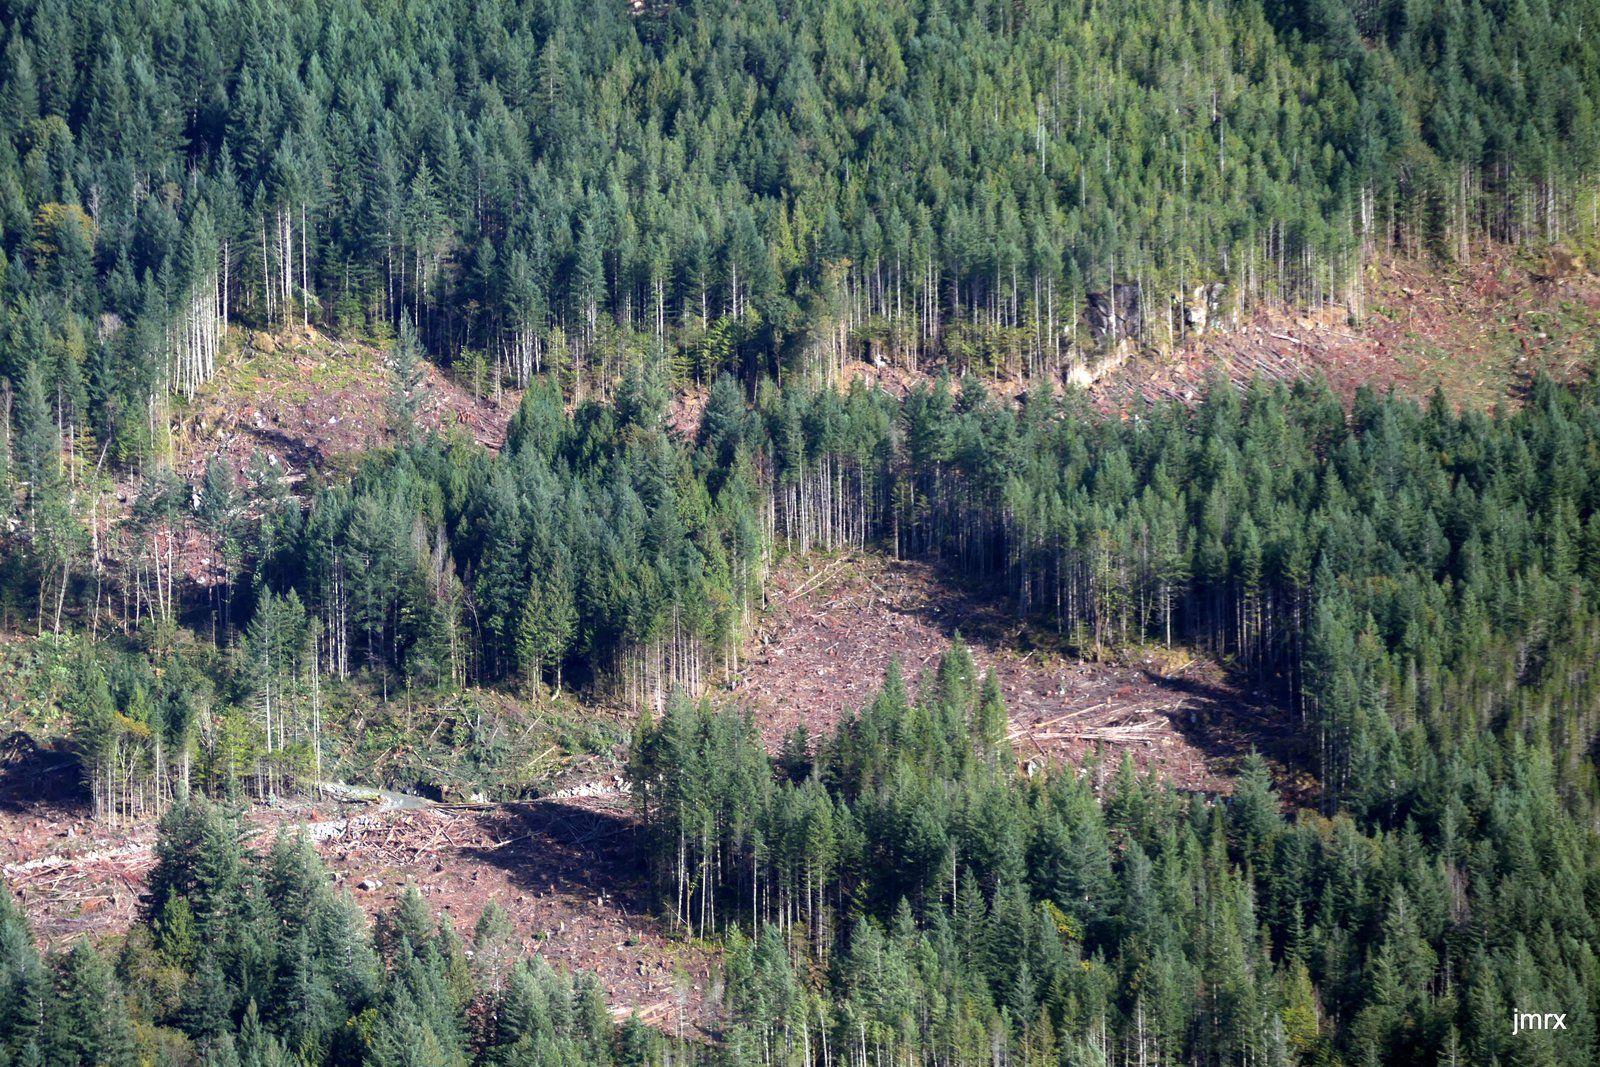 Après la déforestation la nature reprend ses droits. Les communs et la maison de maître. Entrée de Princess Louisa Inlet.